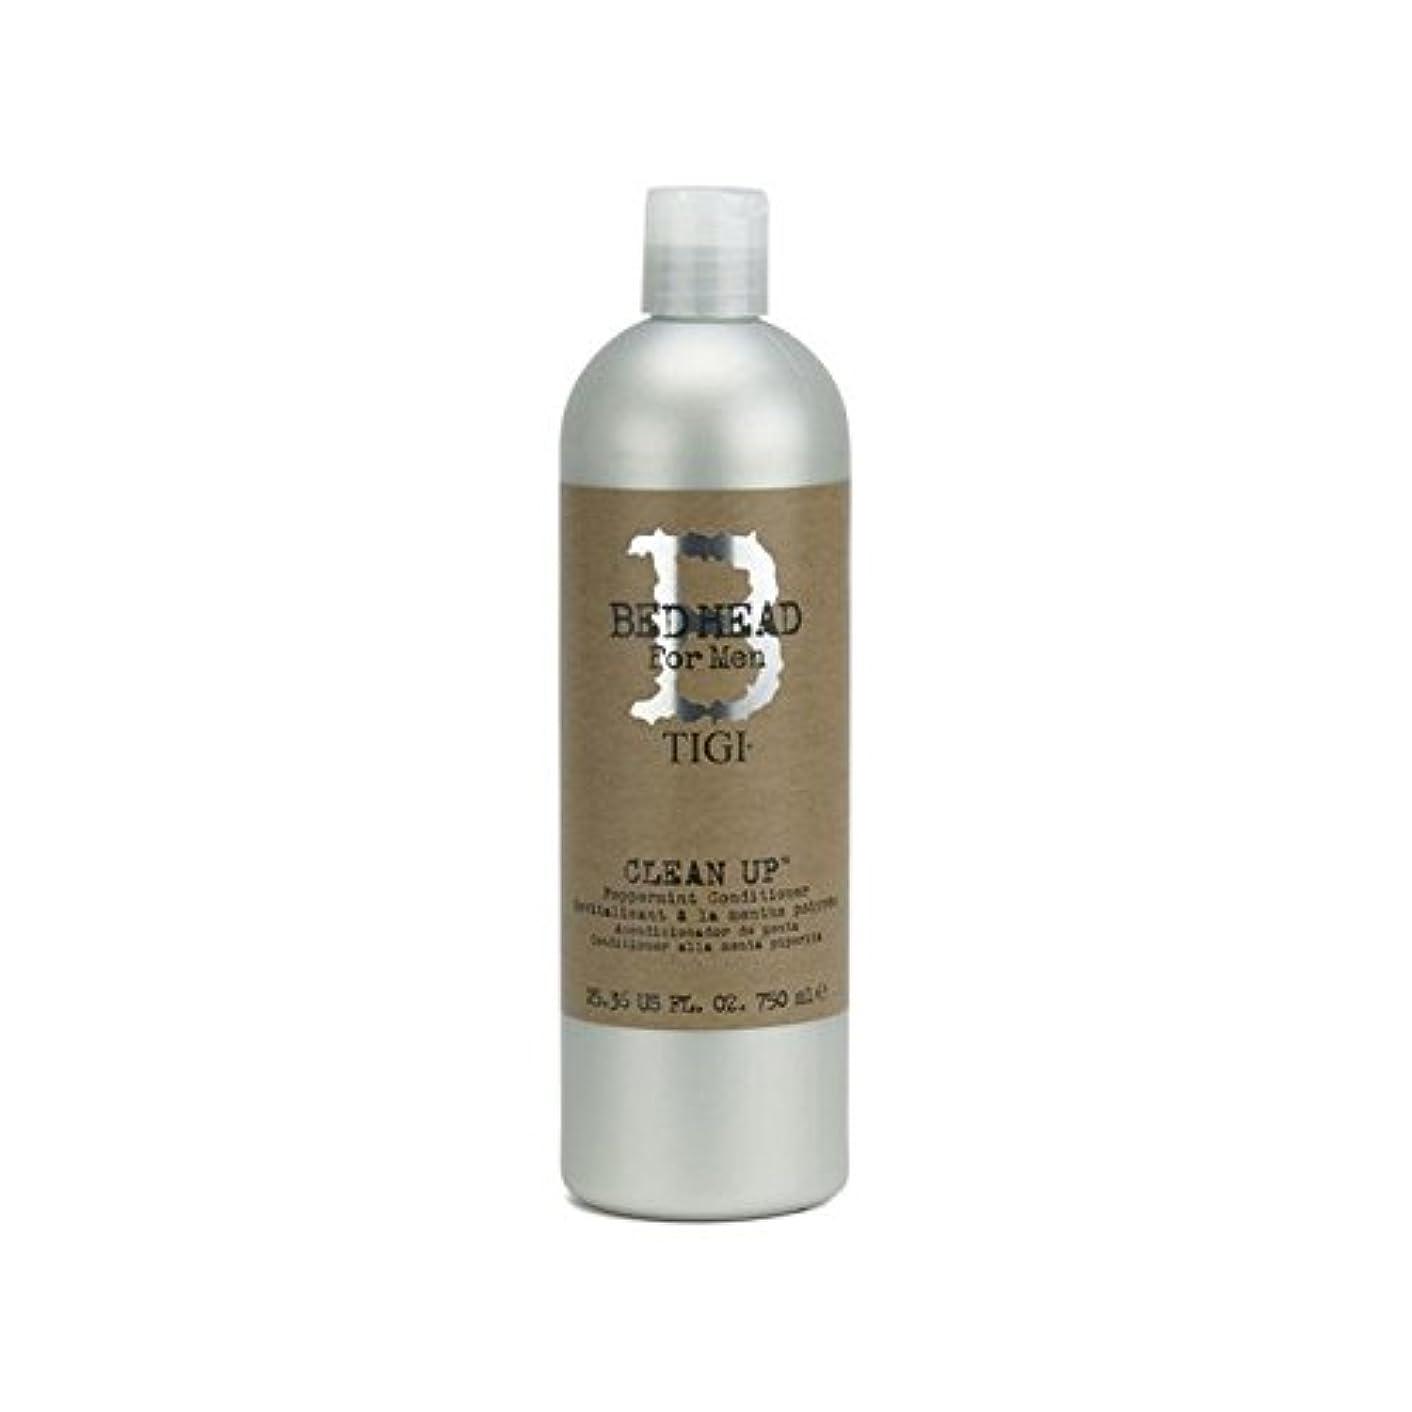 スロット闇日光Tigi Bed Head For Men Clean Up Peppermint Conditioner (750ml) - ペパーミントコンディショナーをクリーンアップする男性のためのティジーベッドヘッド(750ミリリットル) [並行輸入品]